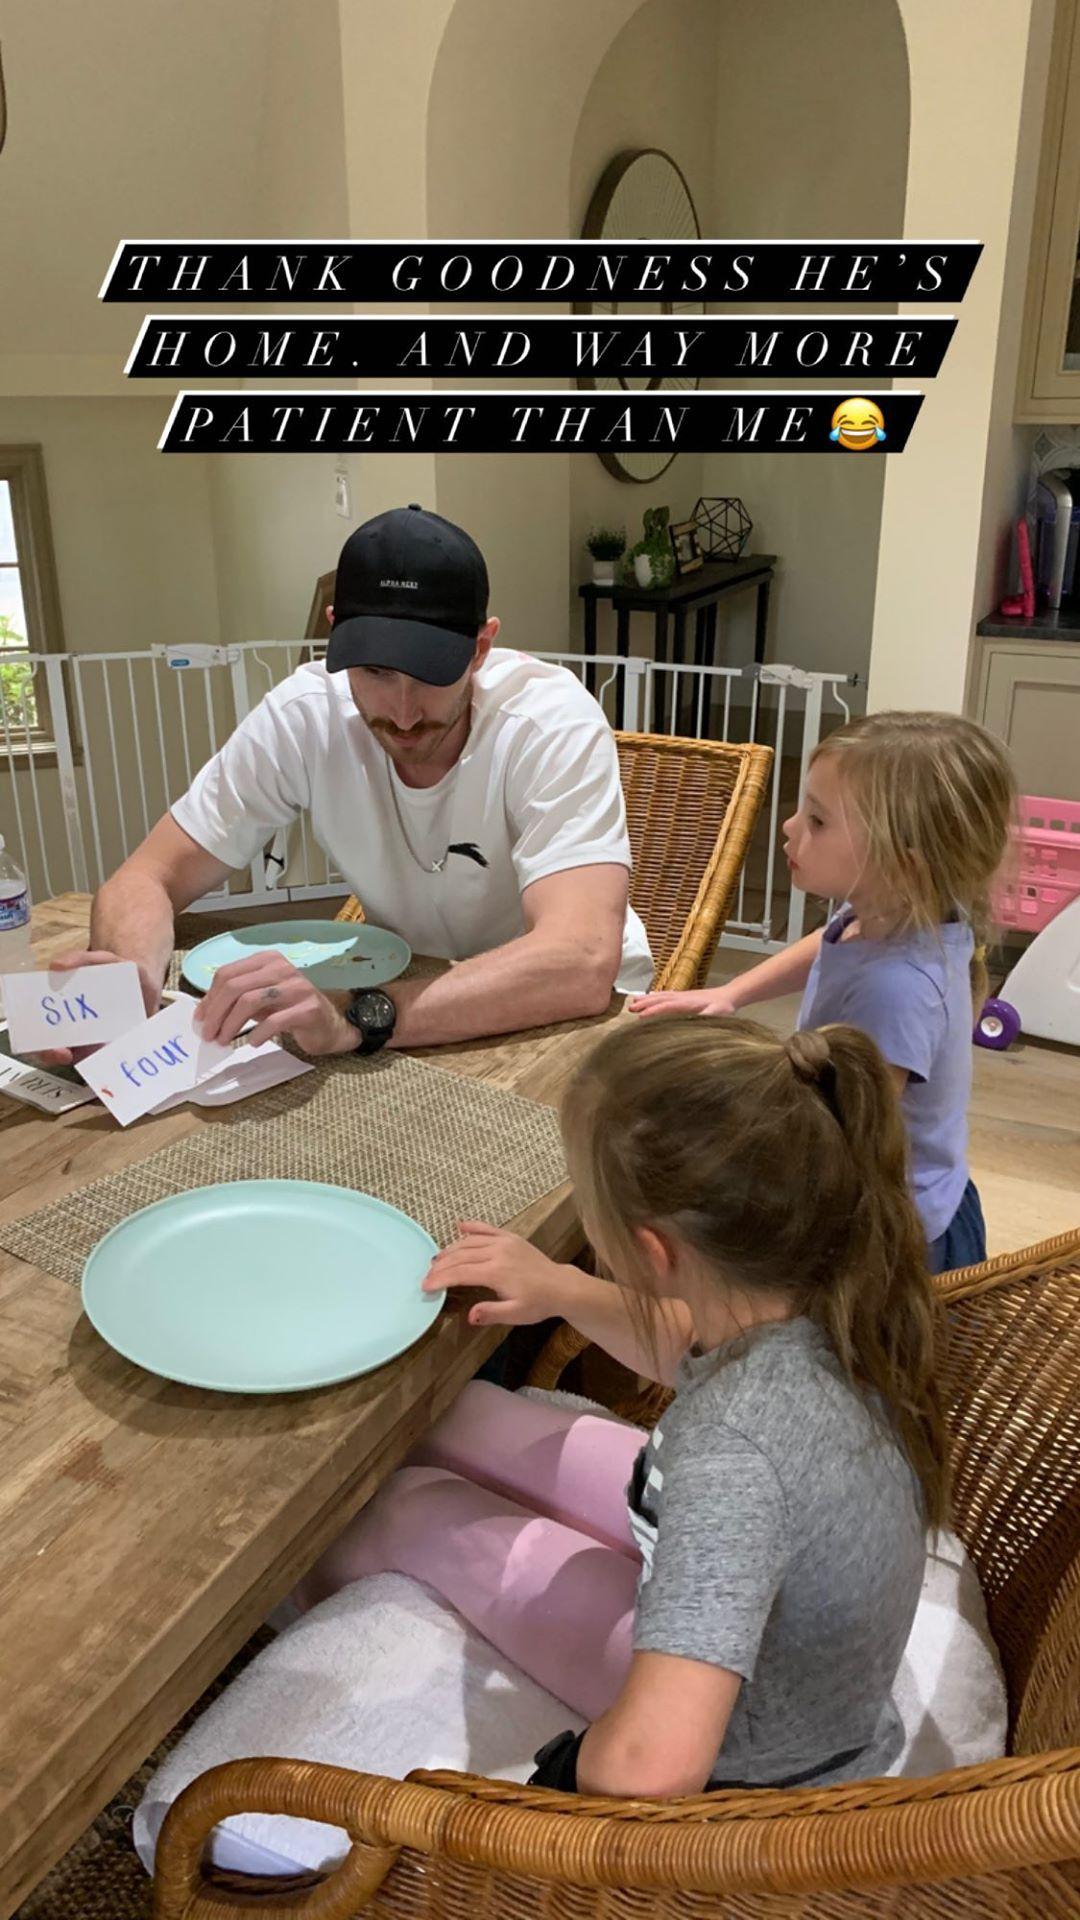 模范奶爸!海沃德教女儿学习,妻子感叹:他比我耐心多了